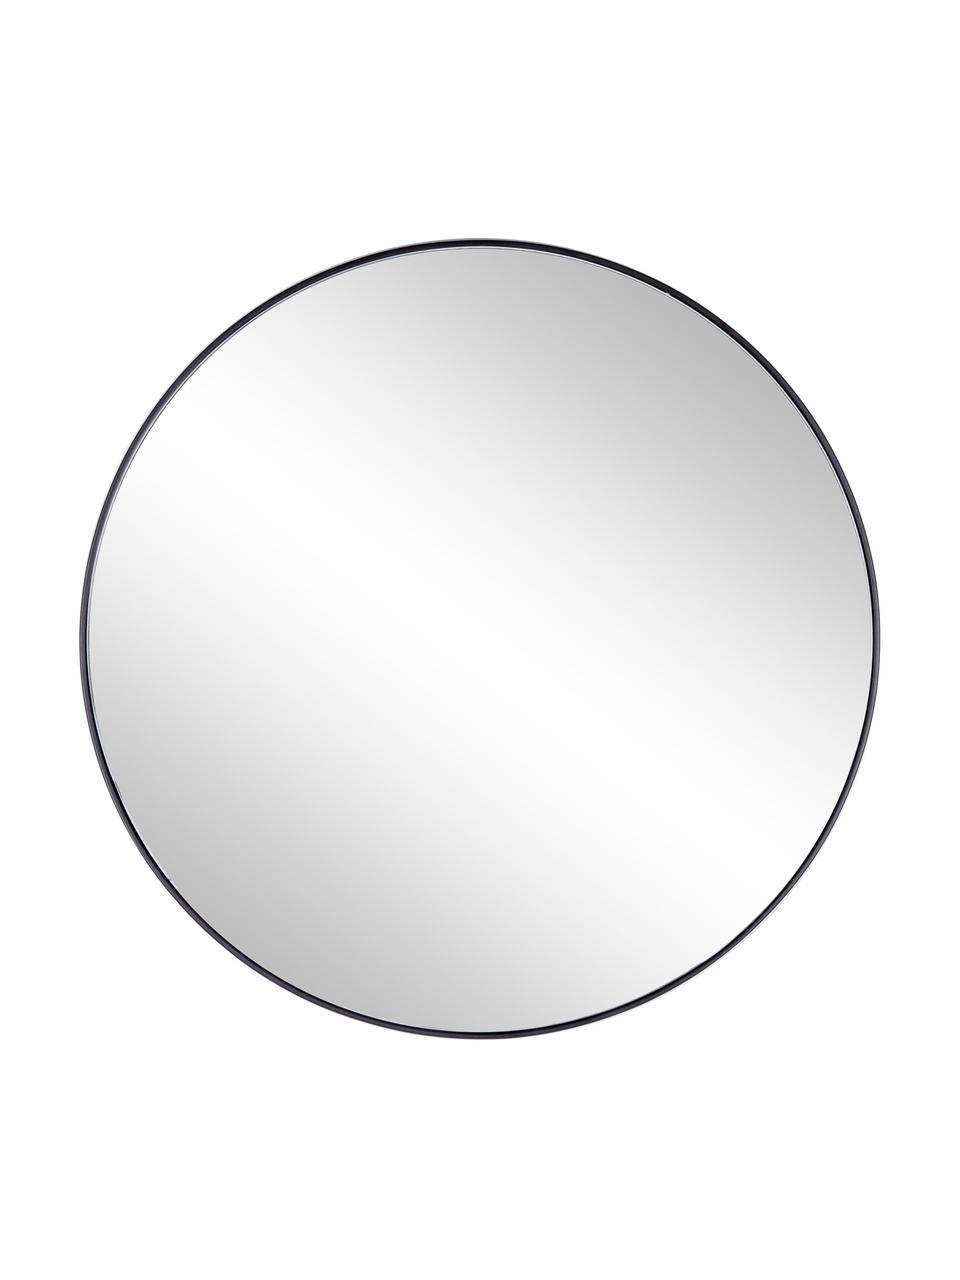 Runder Wandspiegel Nucleos mit schwarzem Metallrahmen, Rahmen: Metall, beschichtet, Spiegelfläche: Spiegelglas, Schwarz, Ø 70 cm